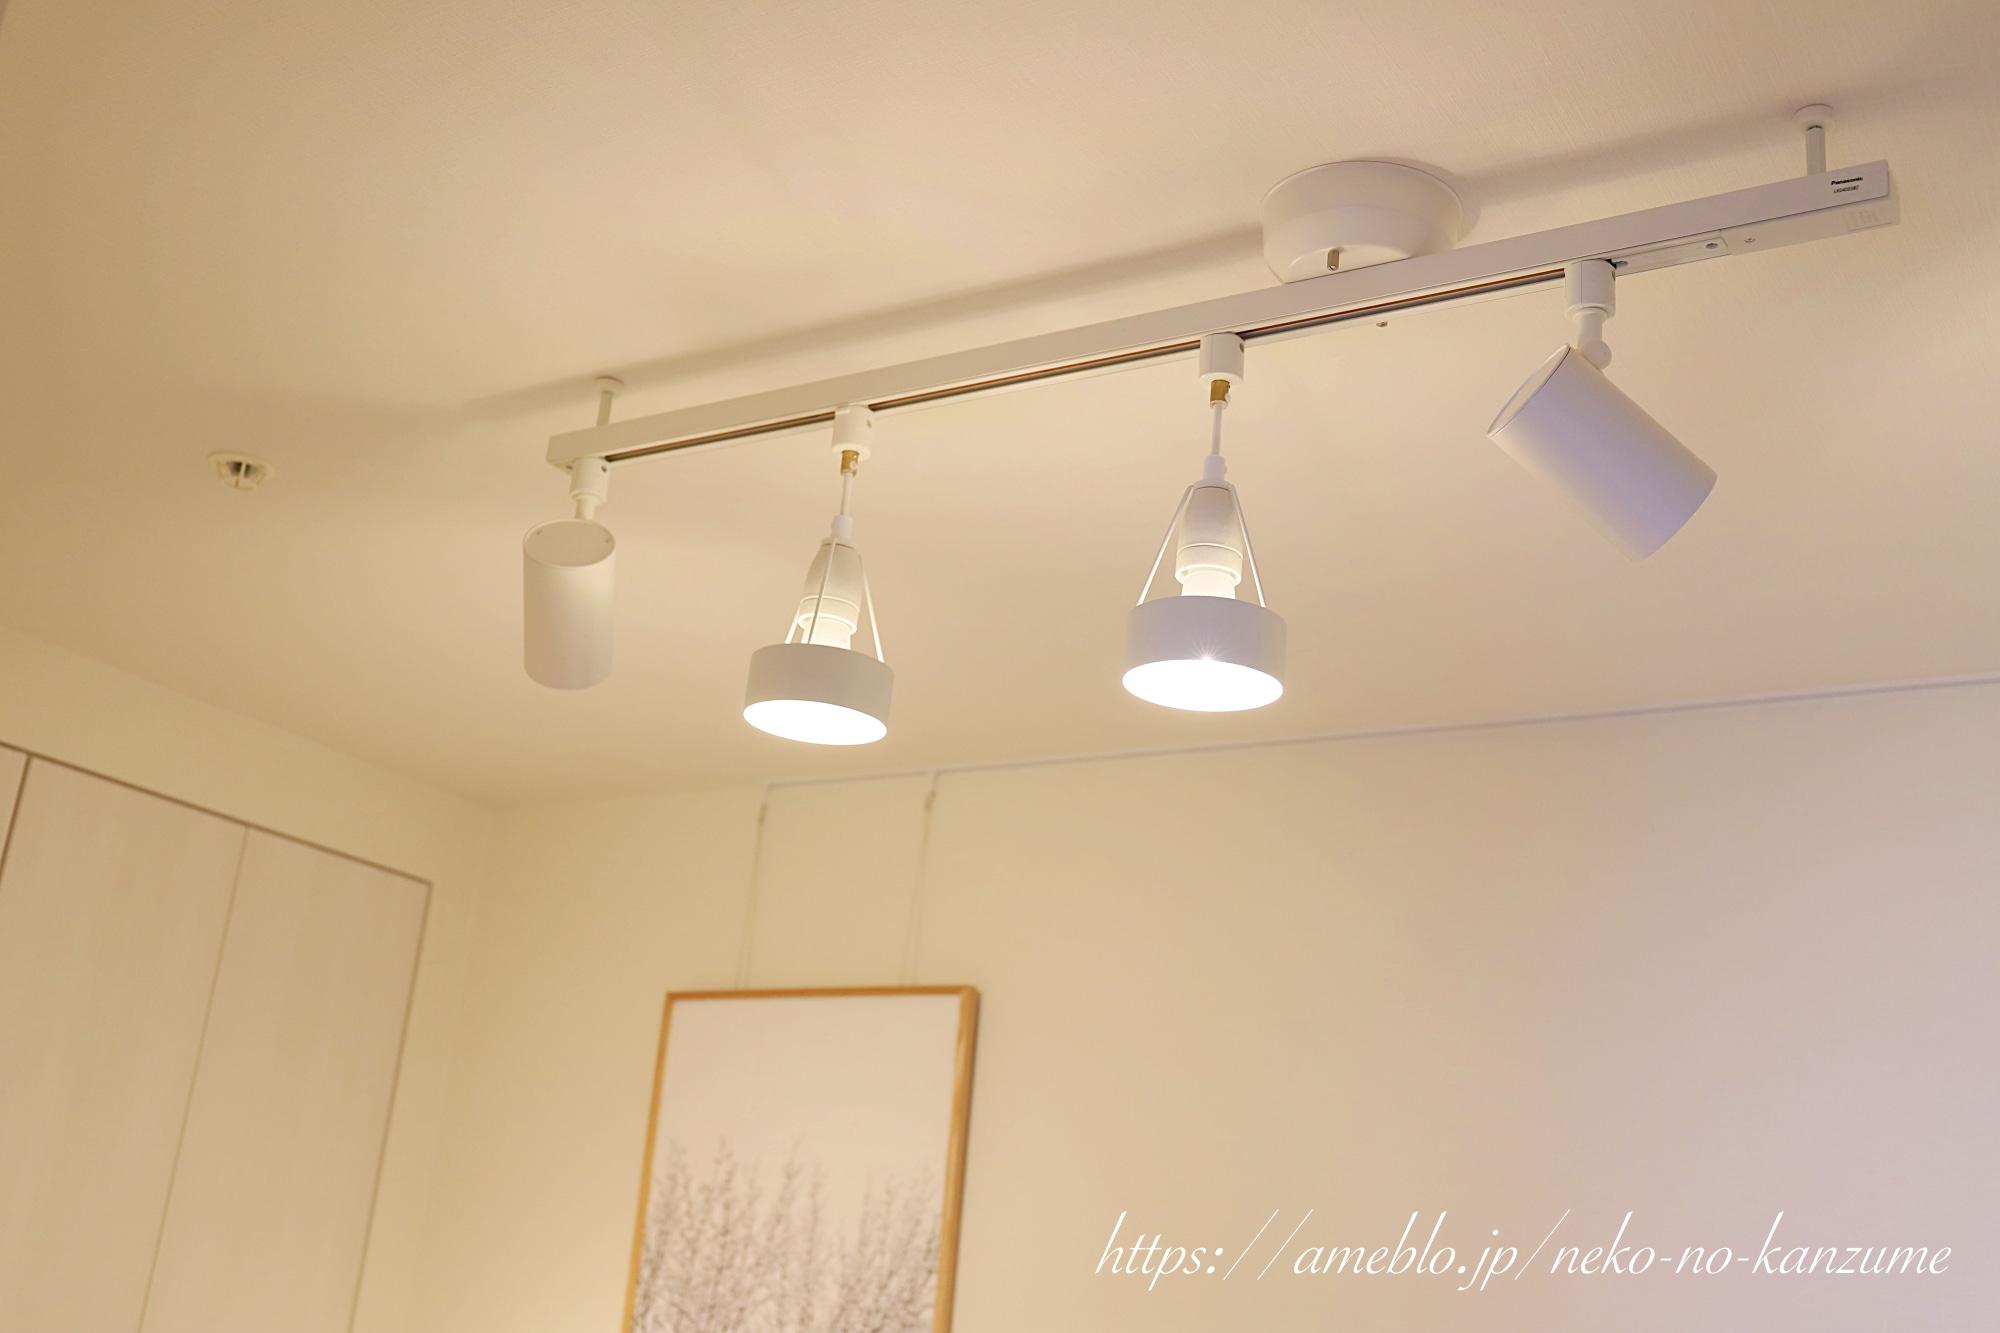 Louis Paulsen lighting